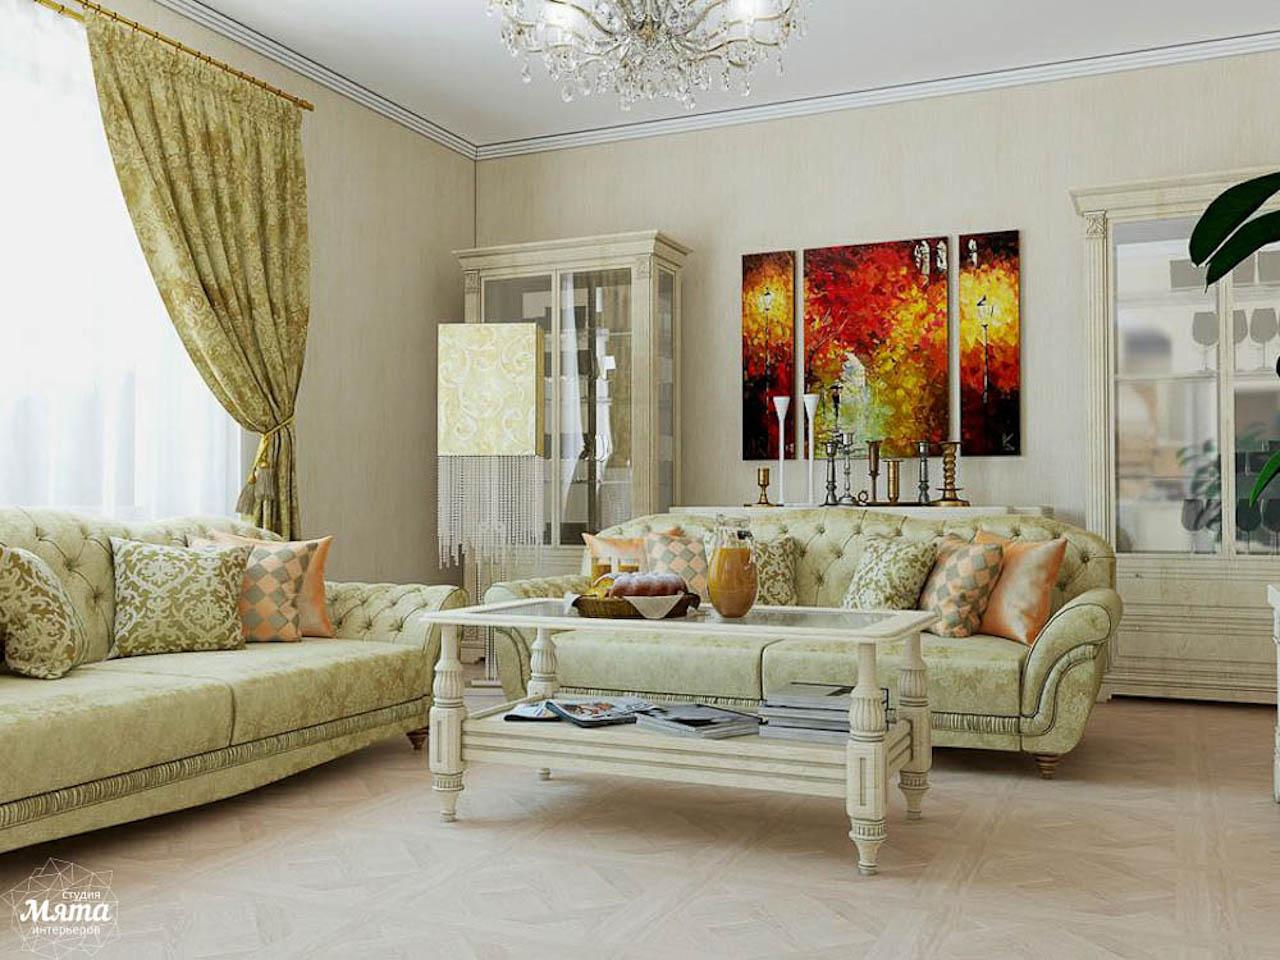 Дизайн интерьера коттеджа в п. Верхнее Дуброво img948767644